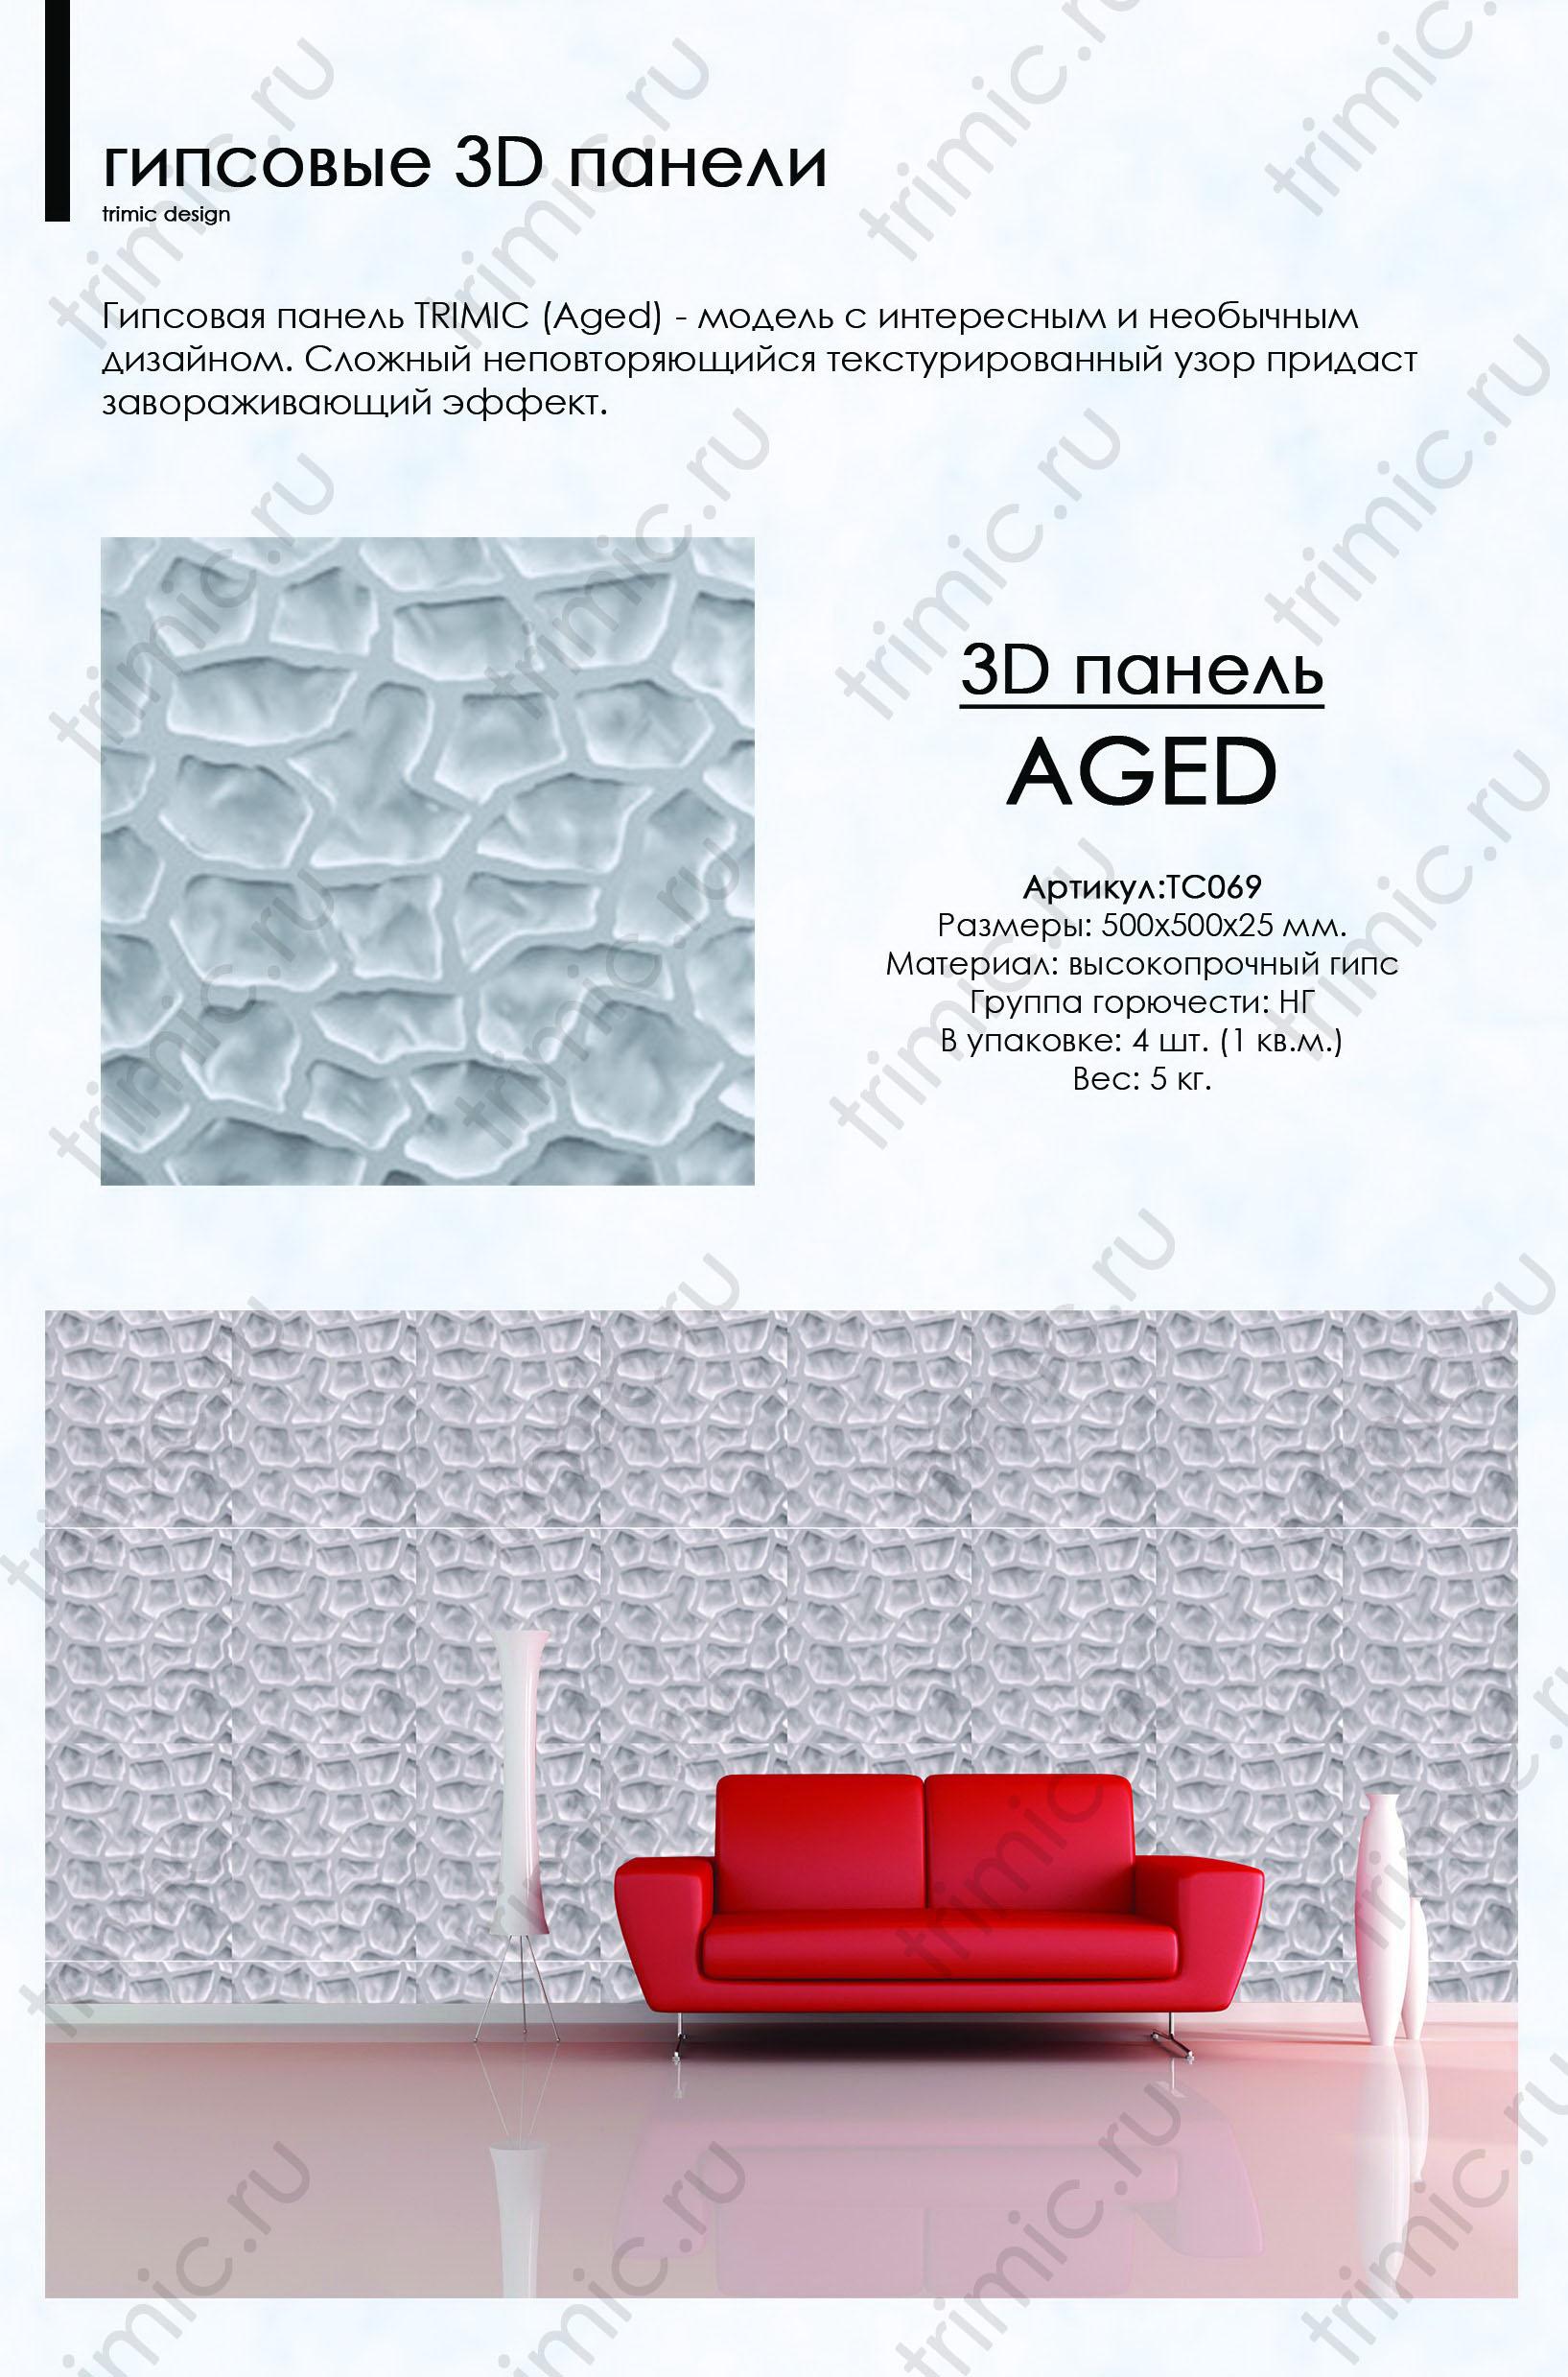 3DпанелиAged - лучшее решение для оформления стенпомещения. Широкий выбор цветов и видов3DПанелейсразу же внесуторигинальность и неповторимость в ваш дизайн.